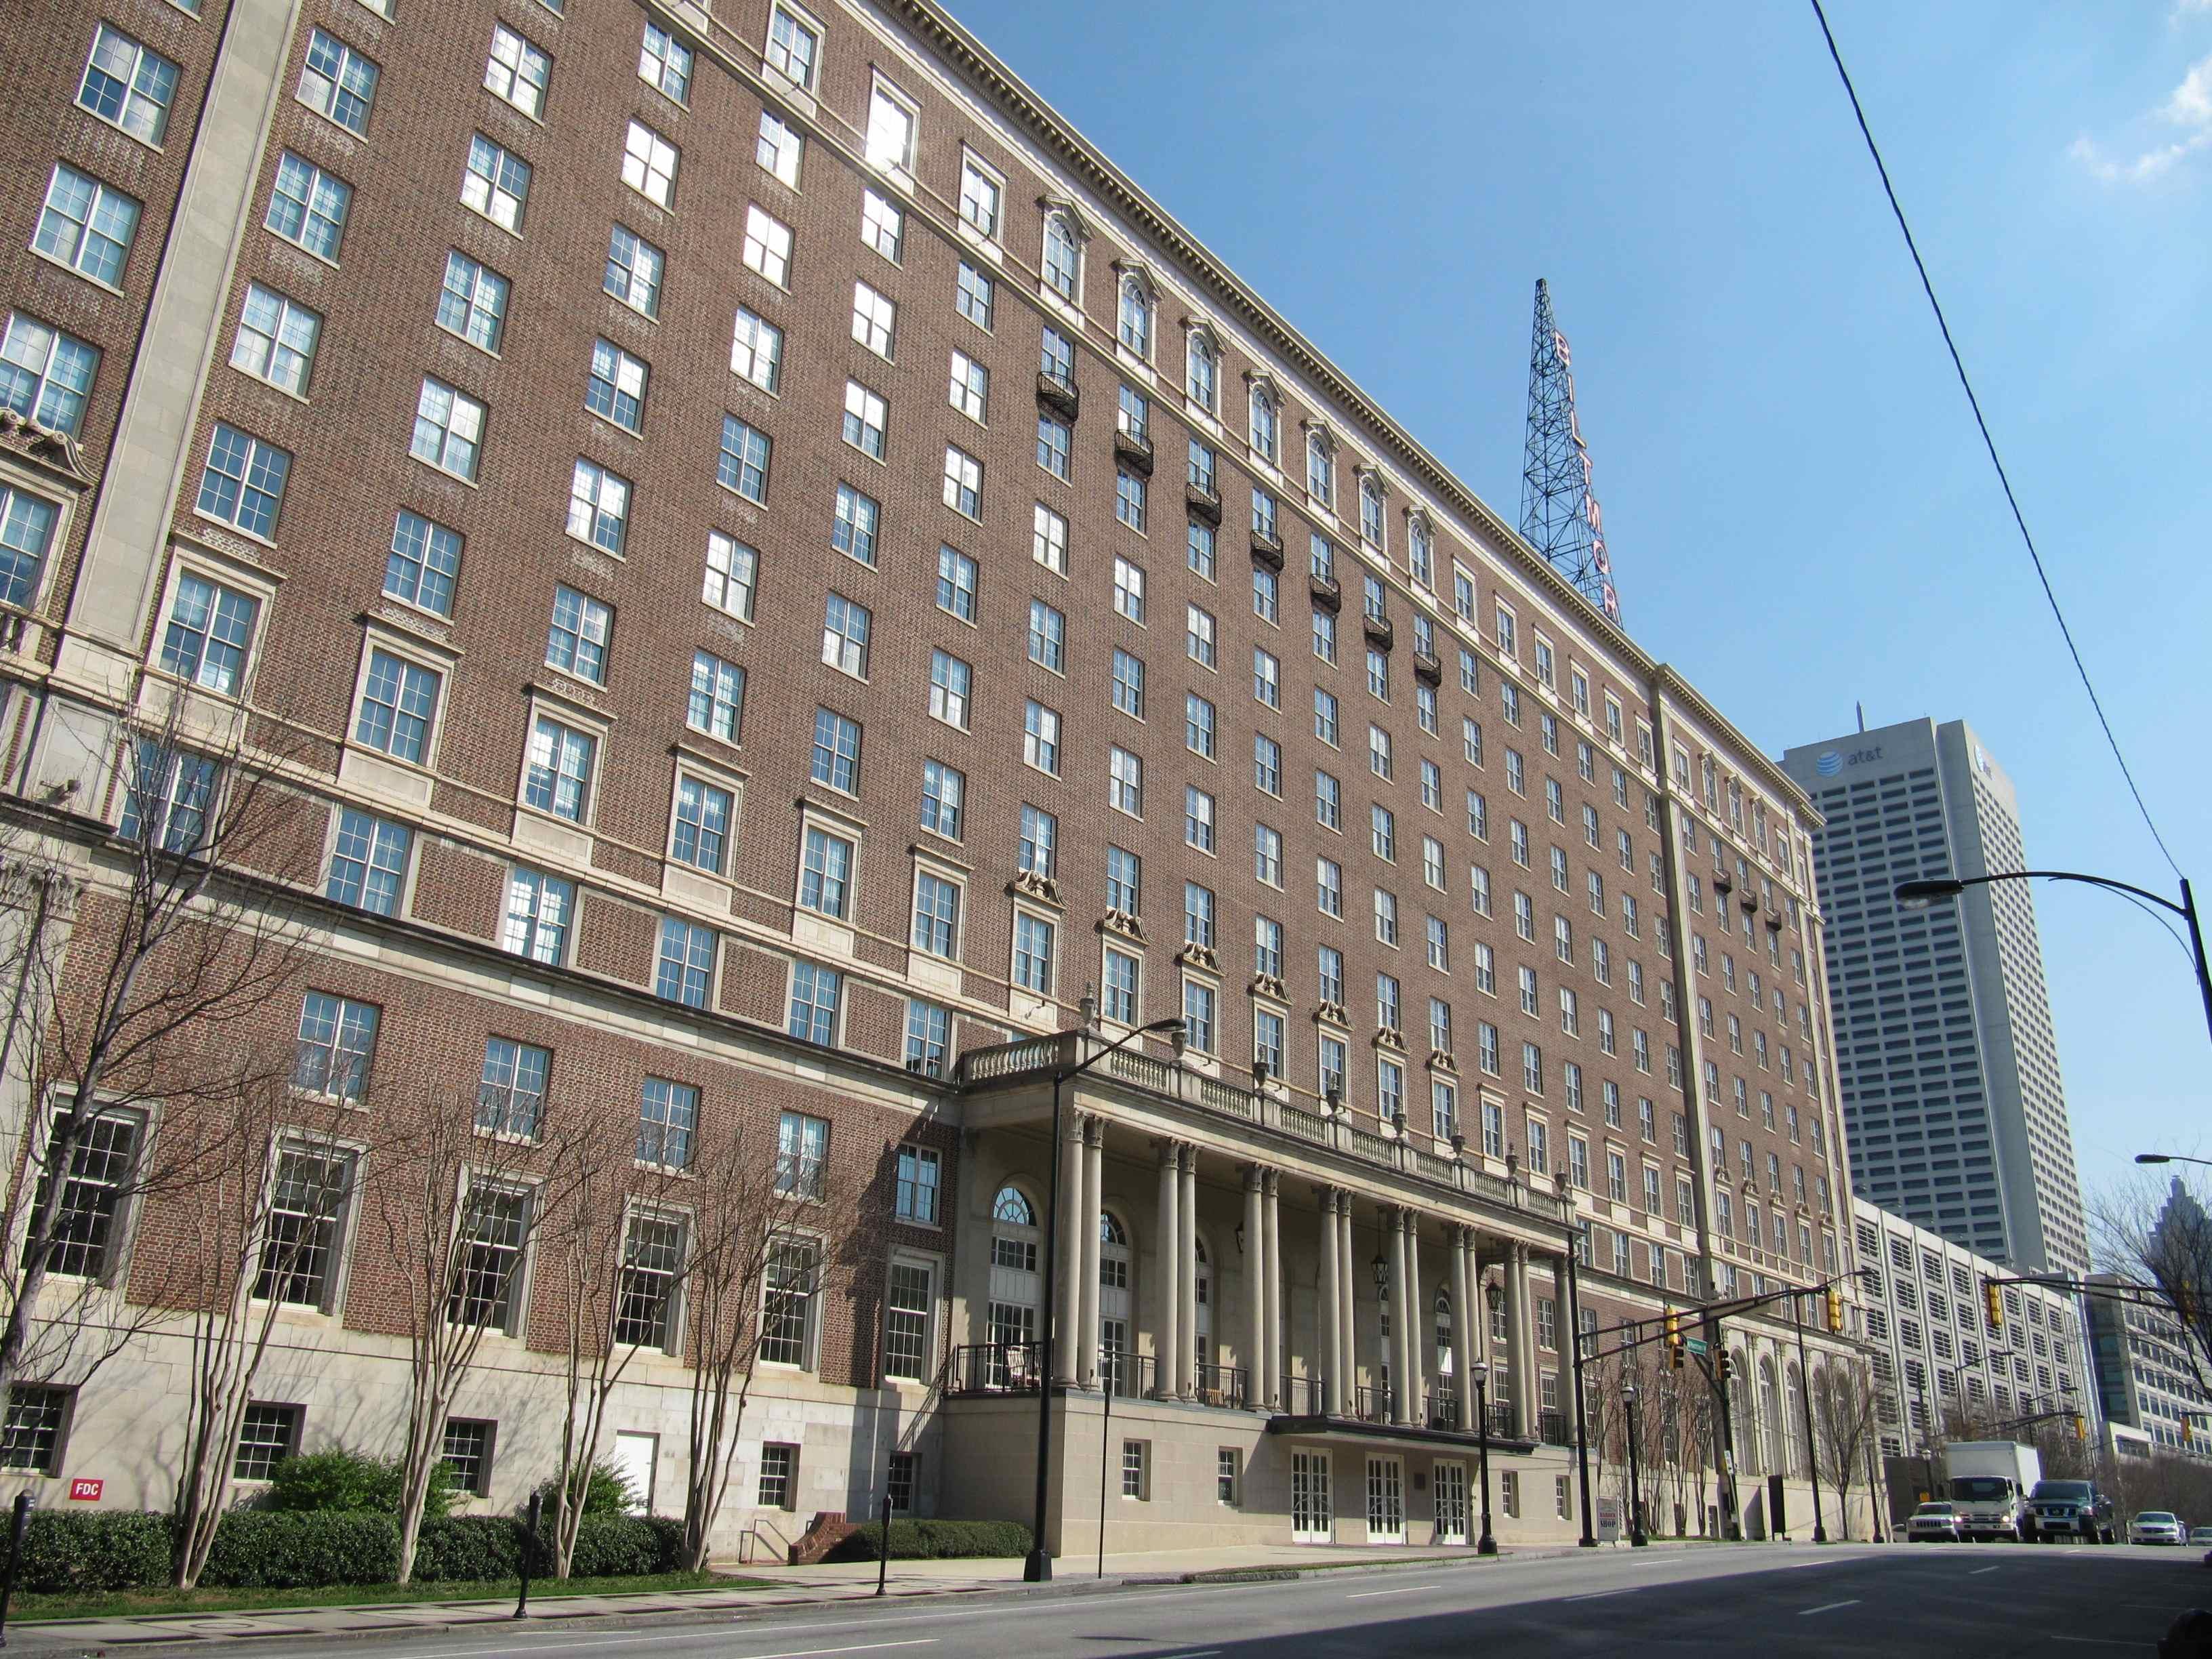 Biltmore Hotel Downtown Atlanta